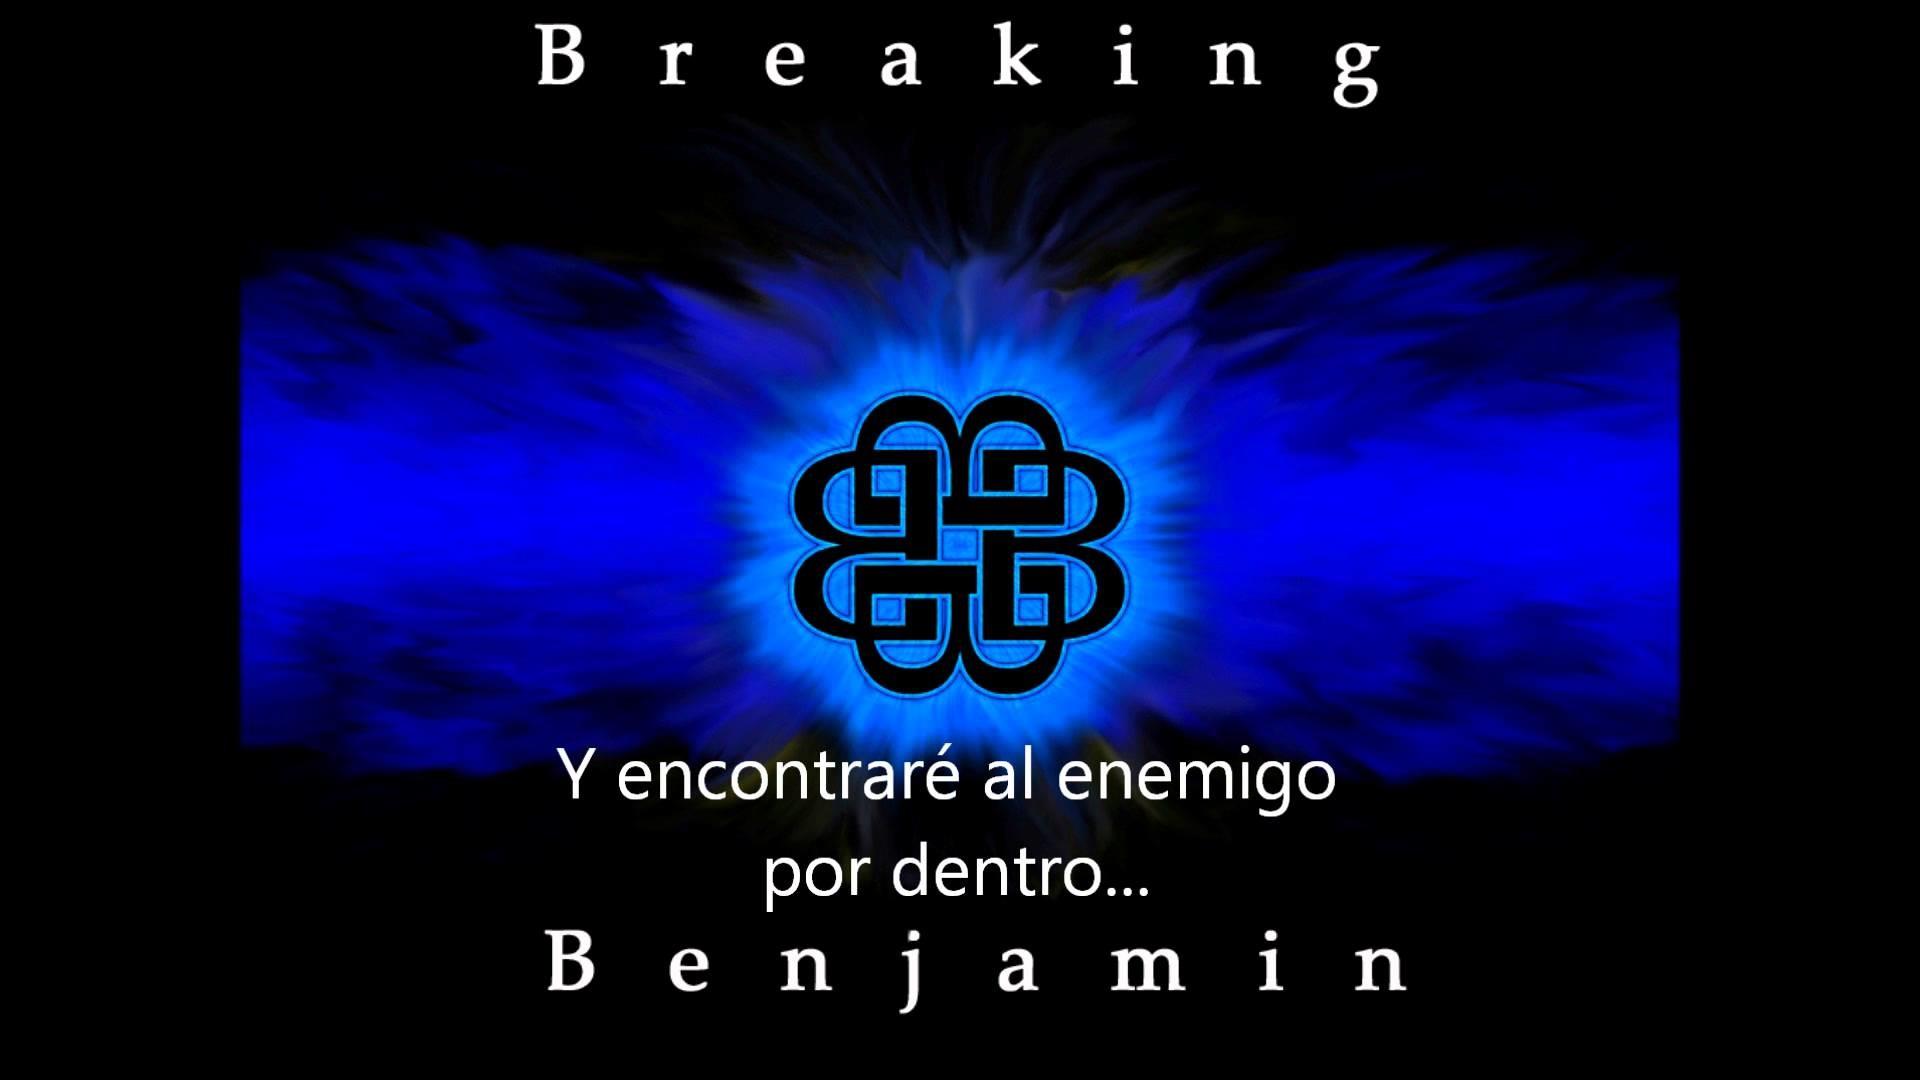 Breaking Benjamin Wallpaper (73+ pictures)